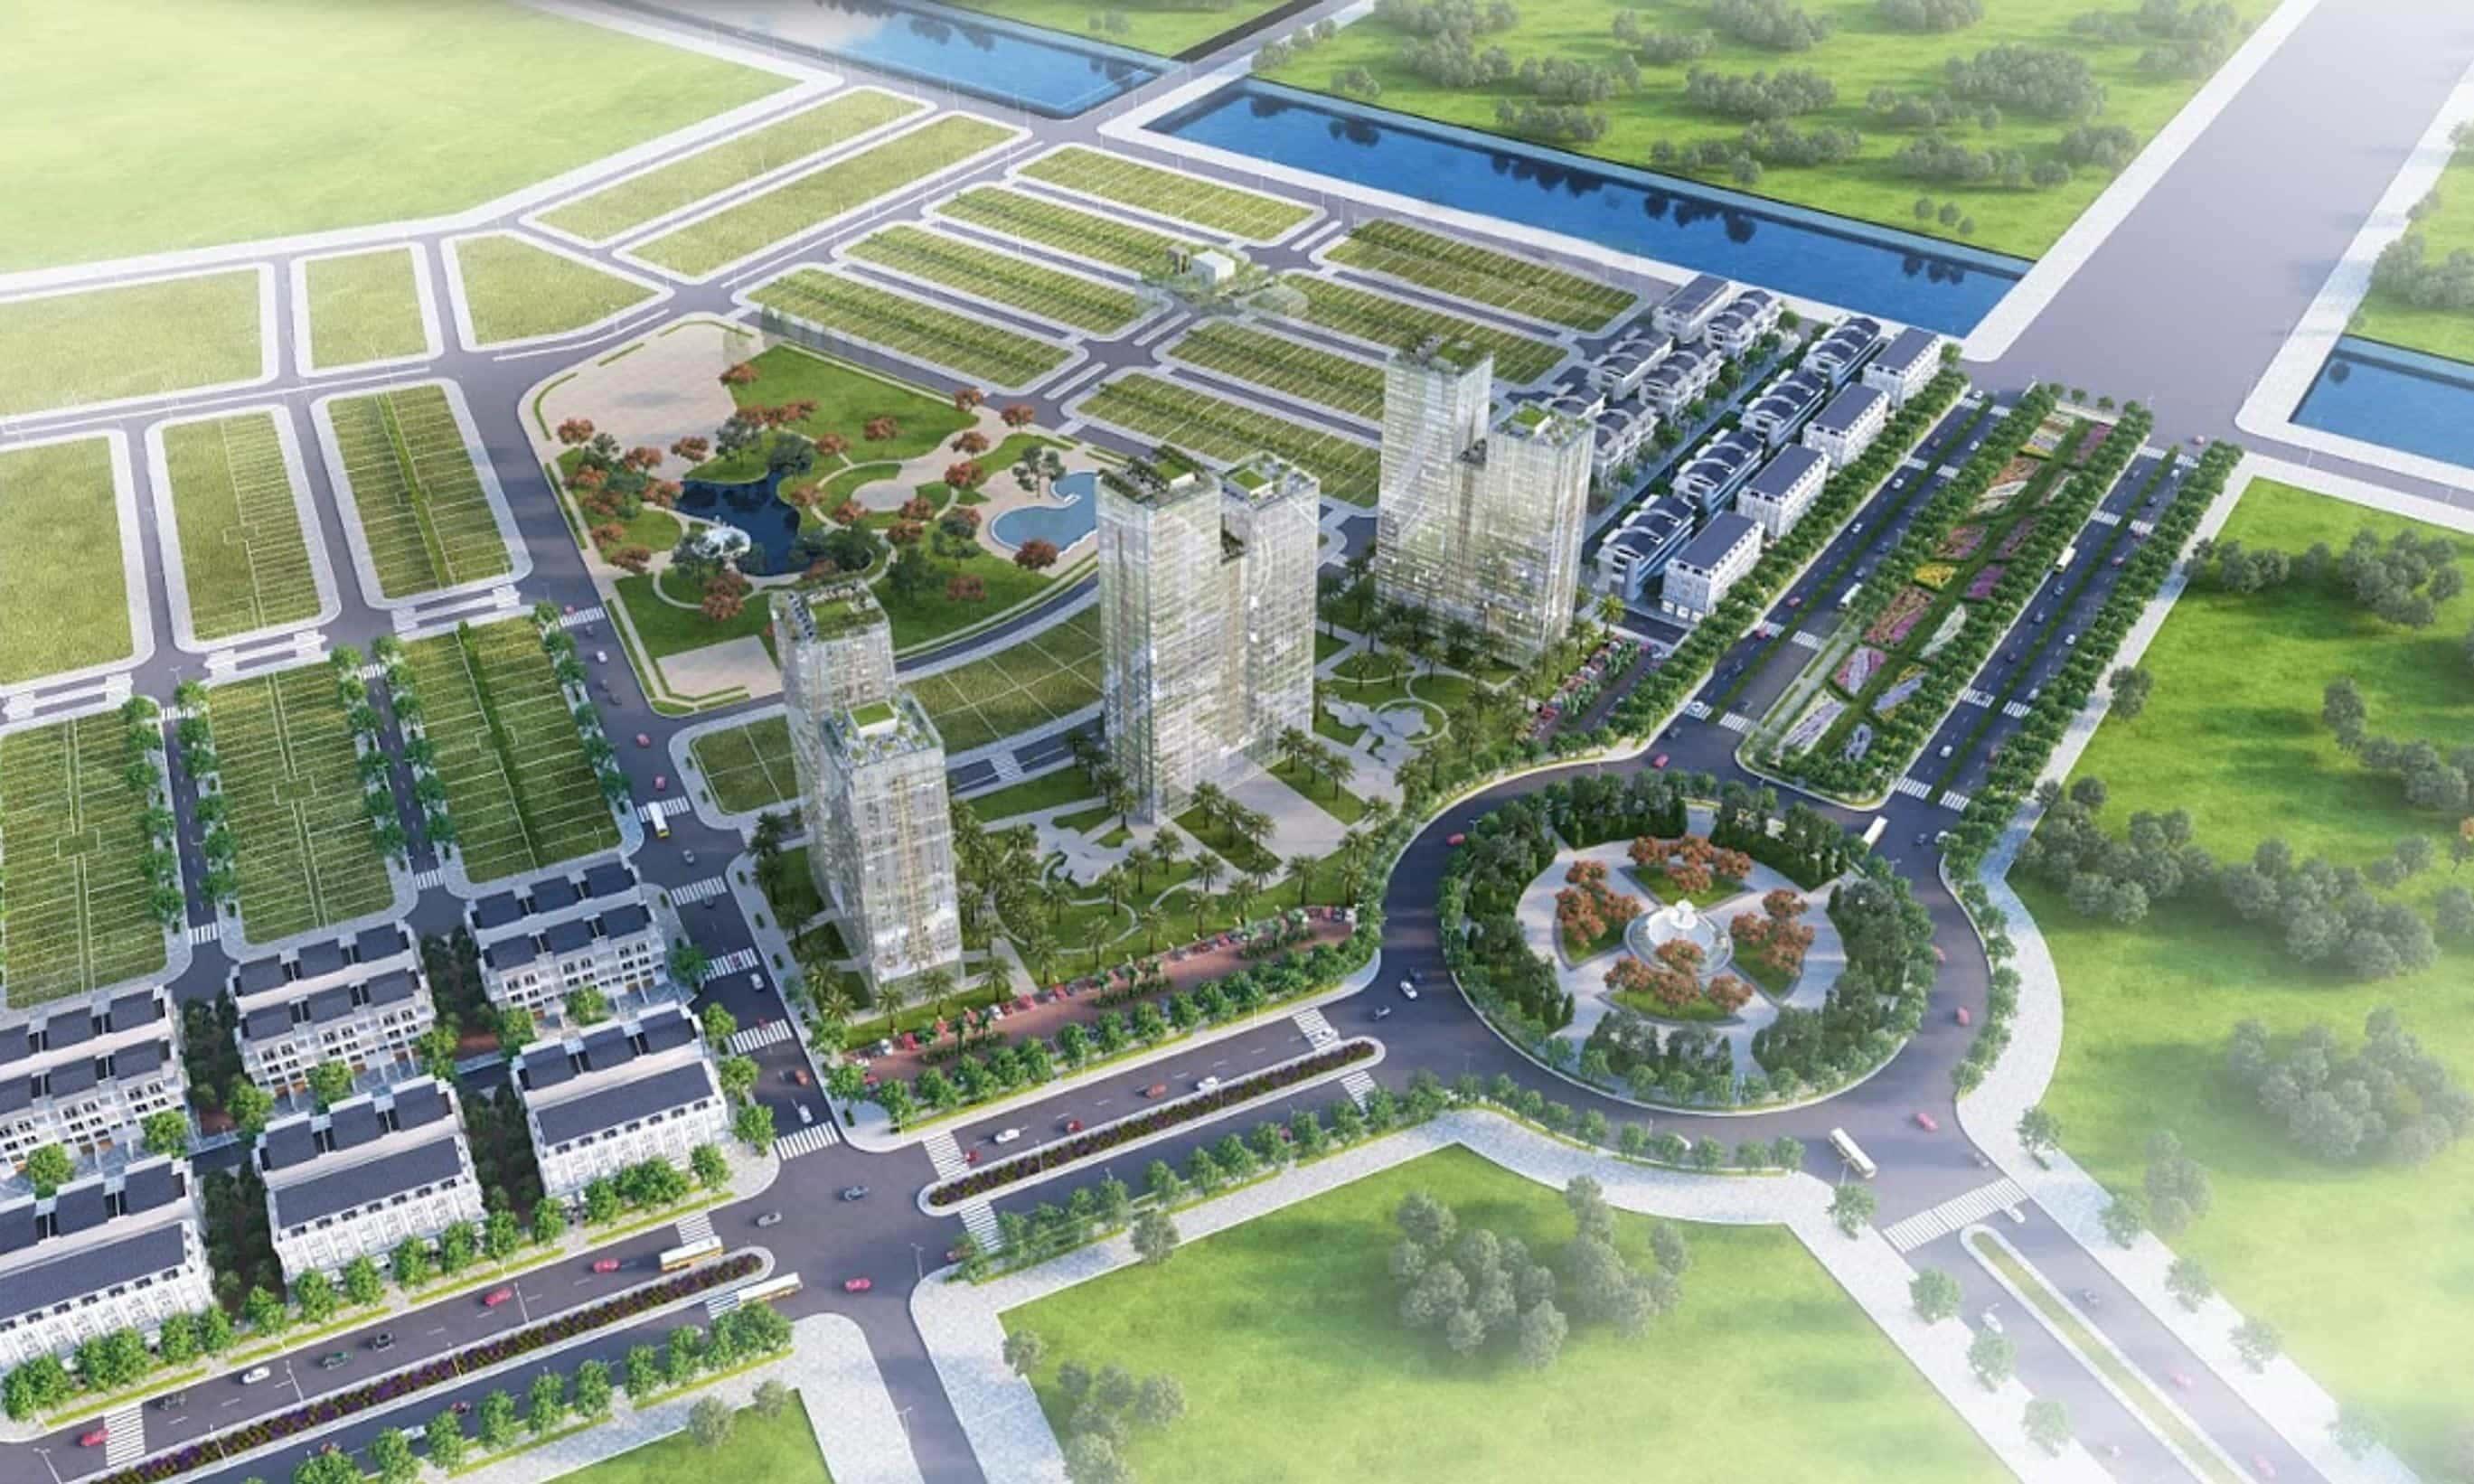 Ascott Waterfront Saigon quận 1 – Tòa thành kiên cố giữa trung tâm Sài Gòn. 3